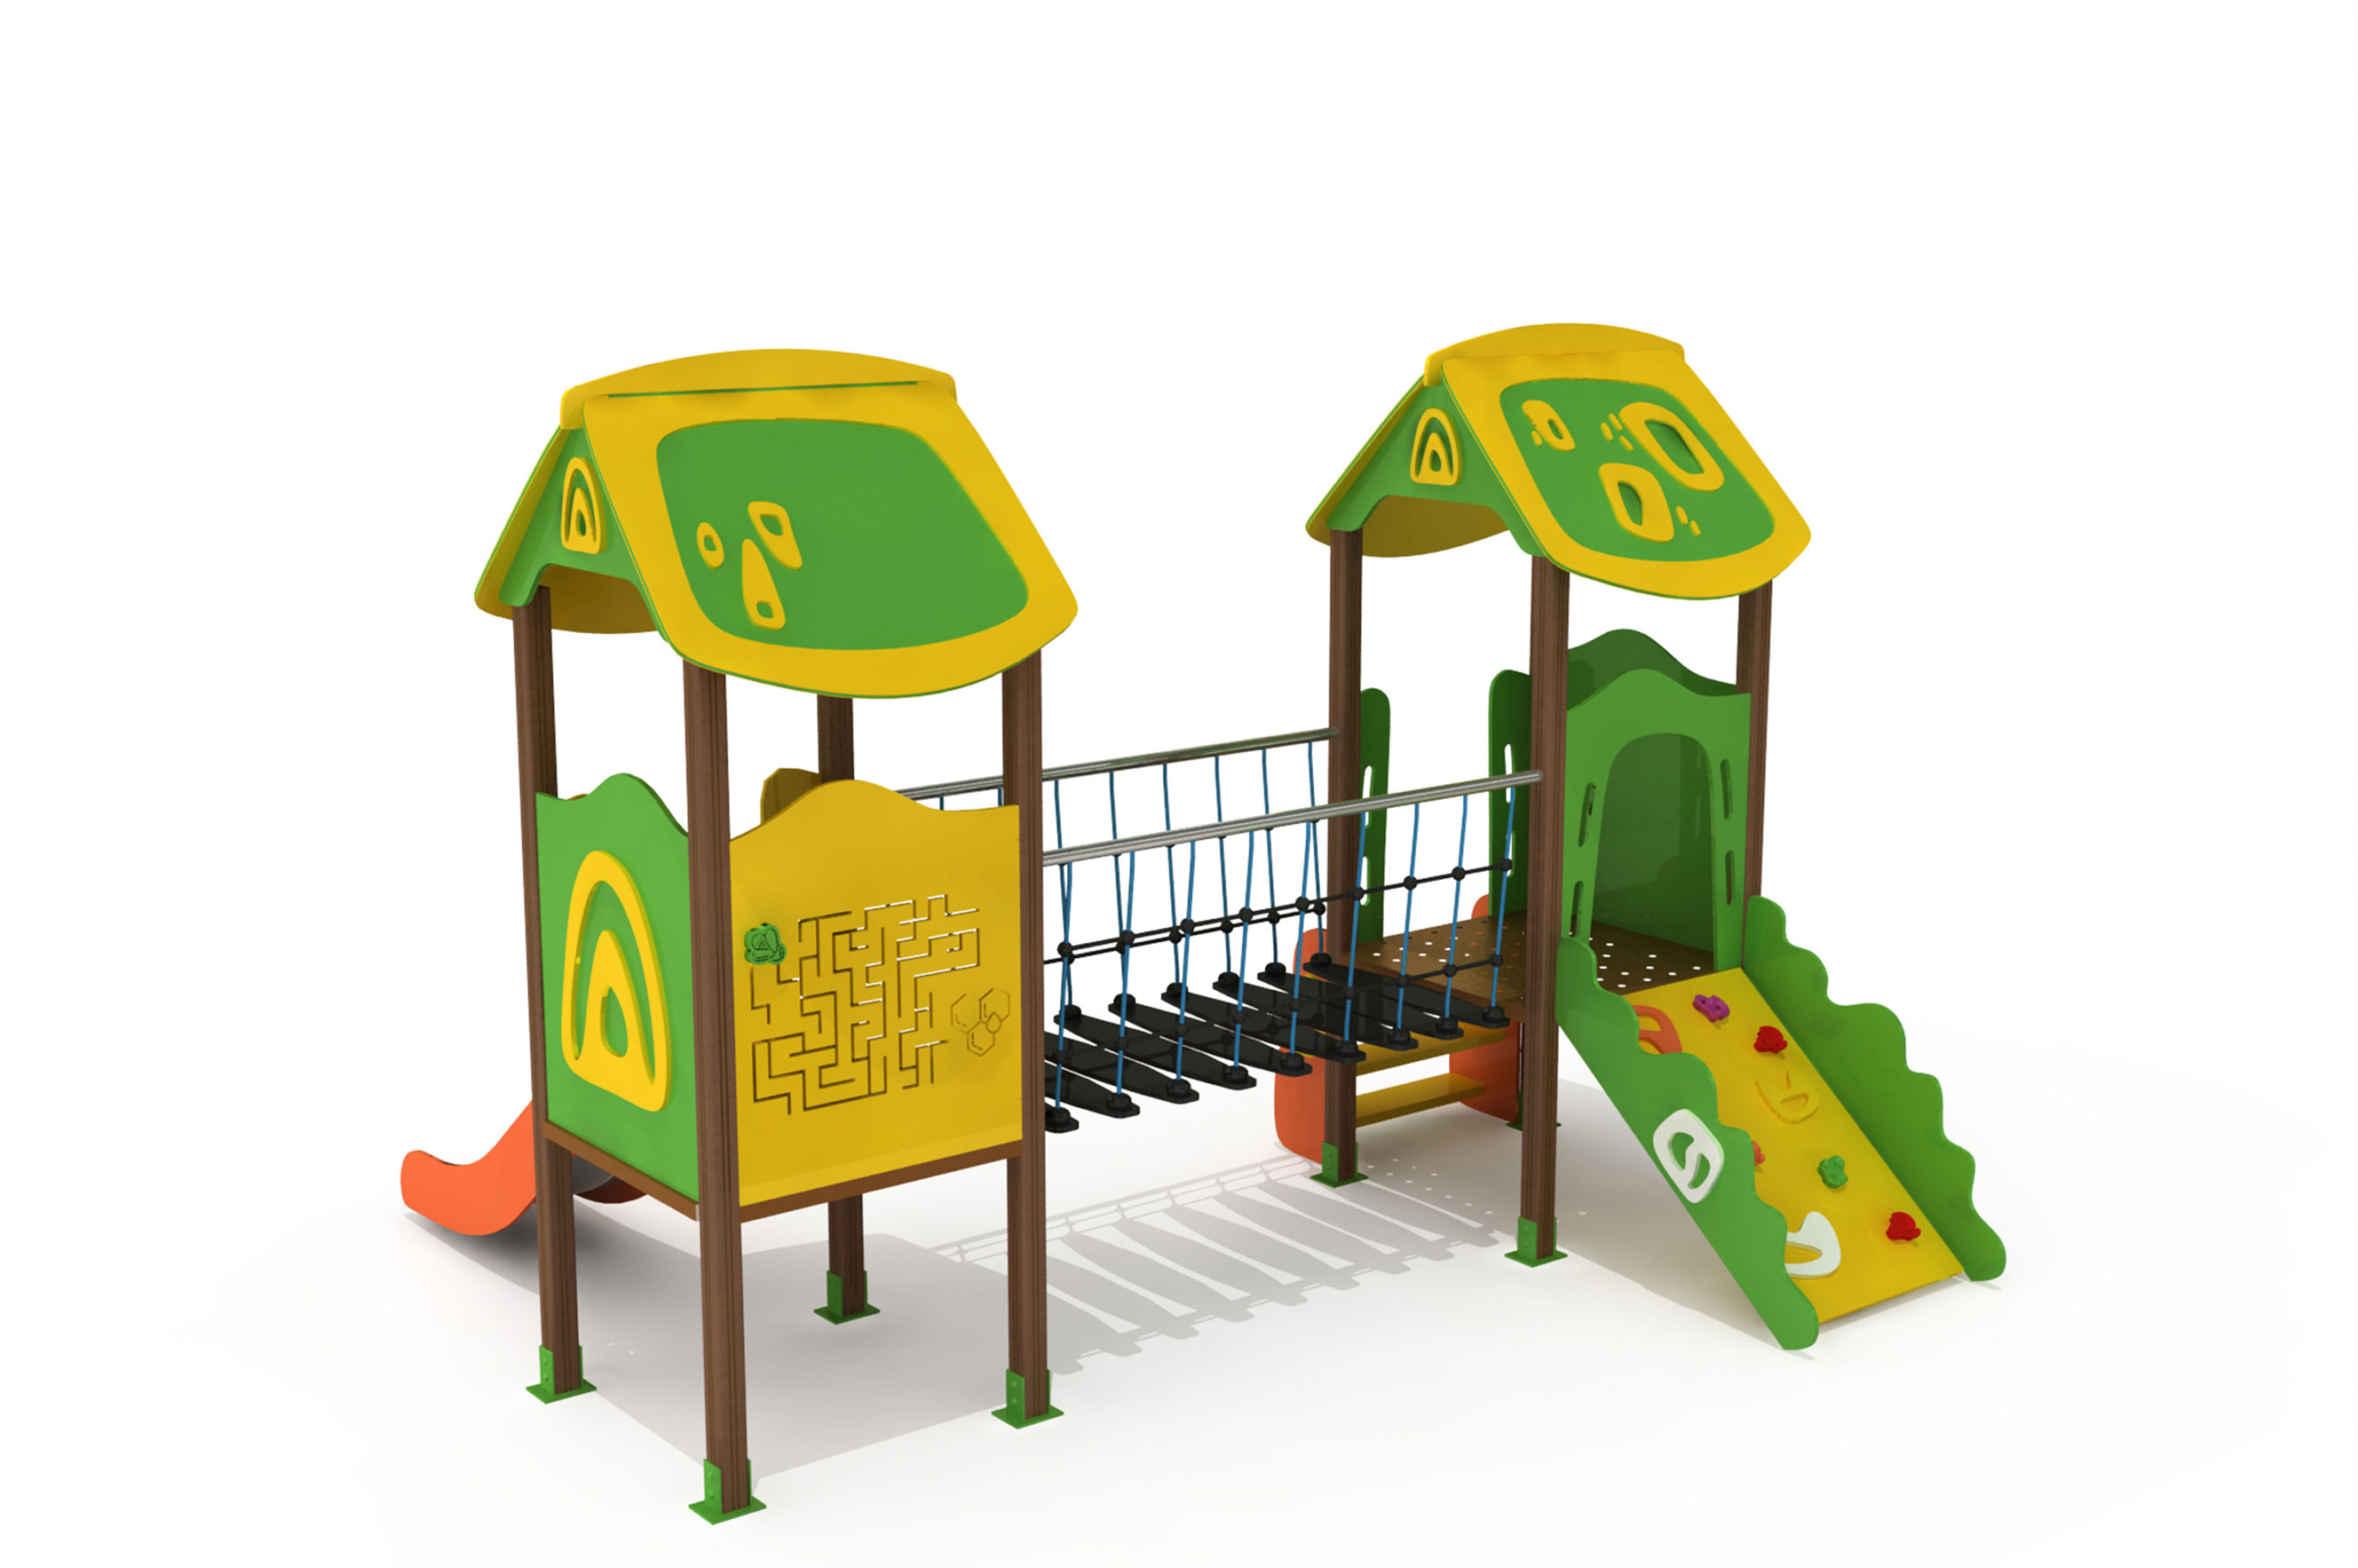 çocuk Parkıçocuk Parkları Ve çocuk Oyun Alanı